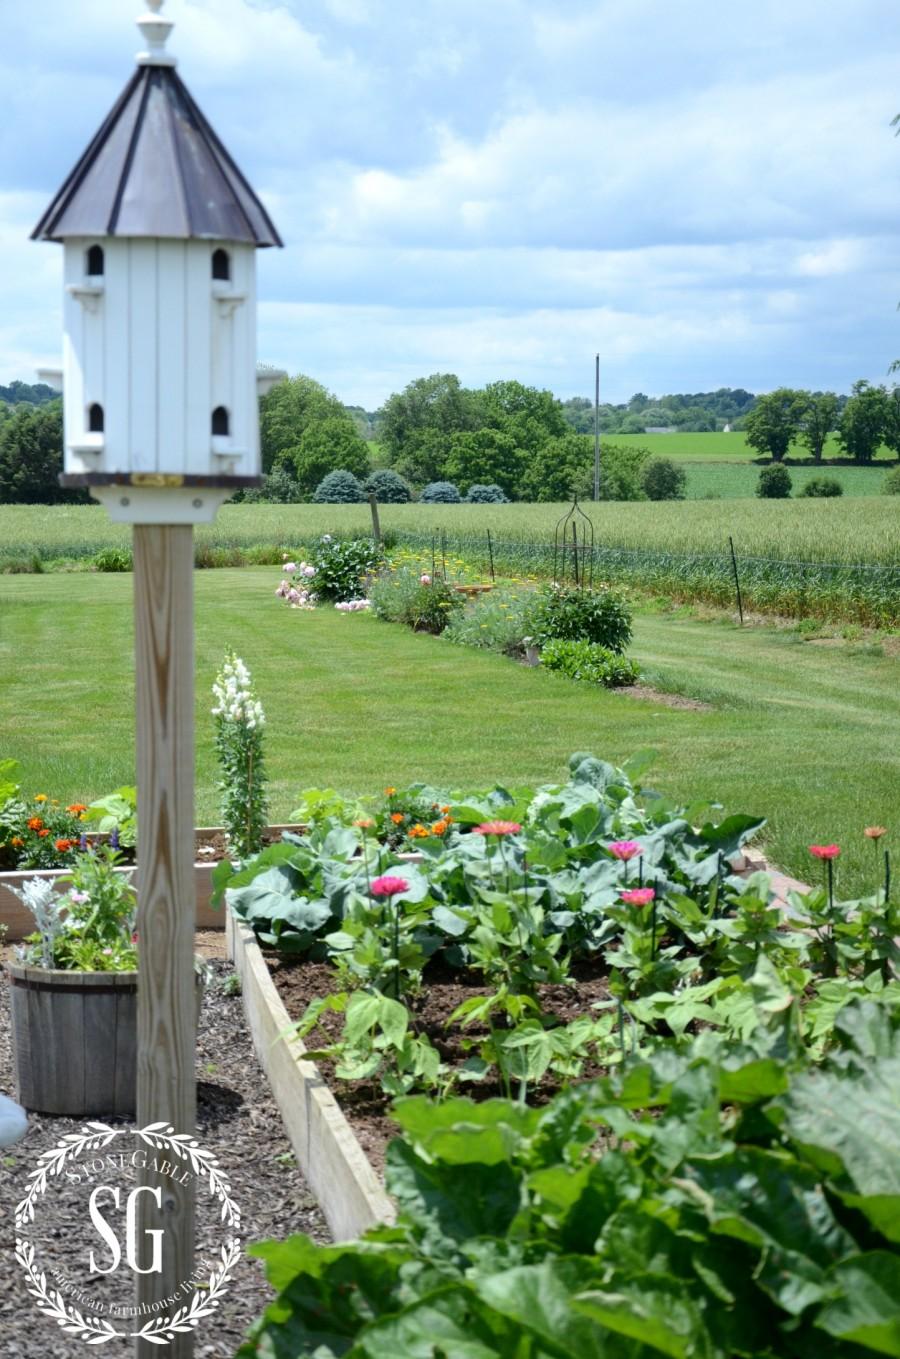 VEGETABLE GARDEN-bird house in the vegetable garden-stonegableblog.com